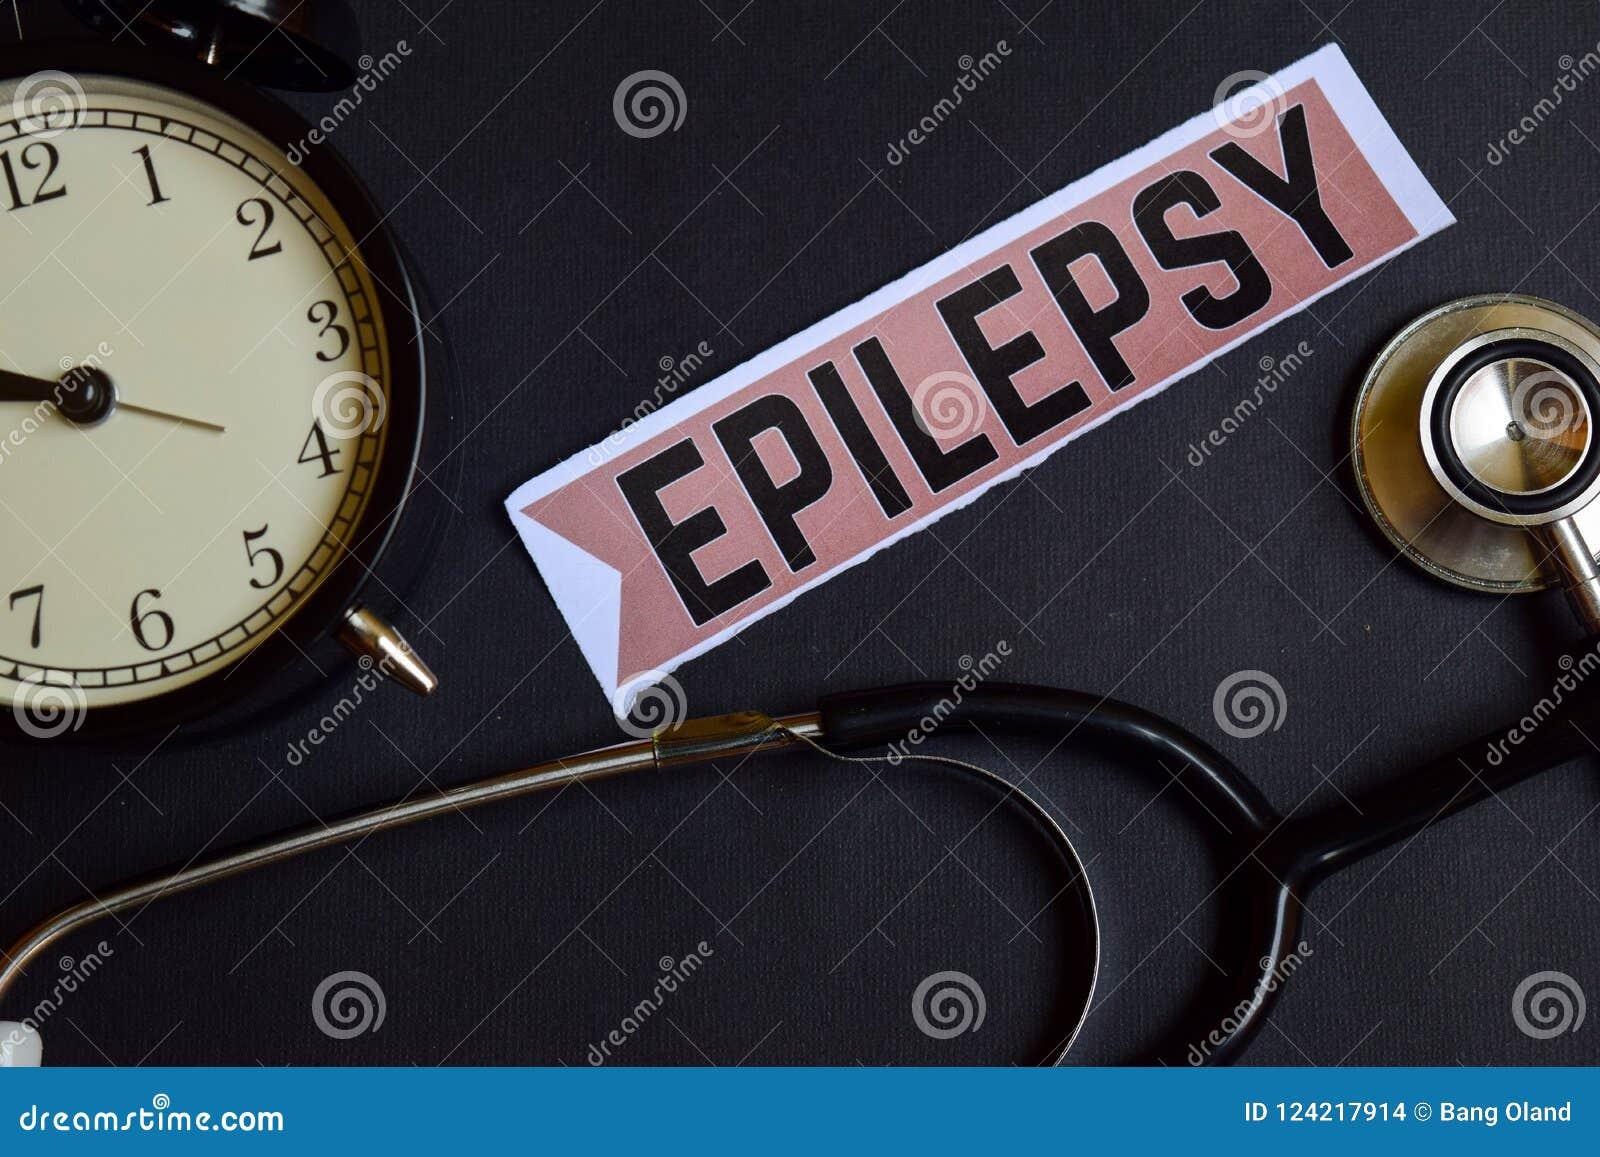 Επιληψία σε χαρτί τυπωμένων υλών με την έμπνευση έννοιας υγειονομικής περίθαλψης ξυπνητήρι, μαύρο στηθοσκόπιο